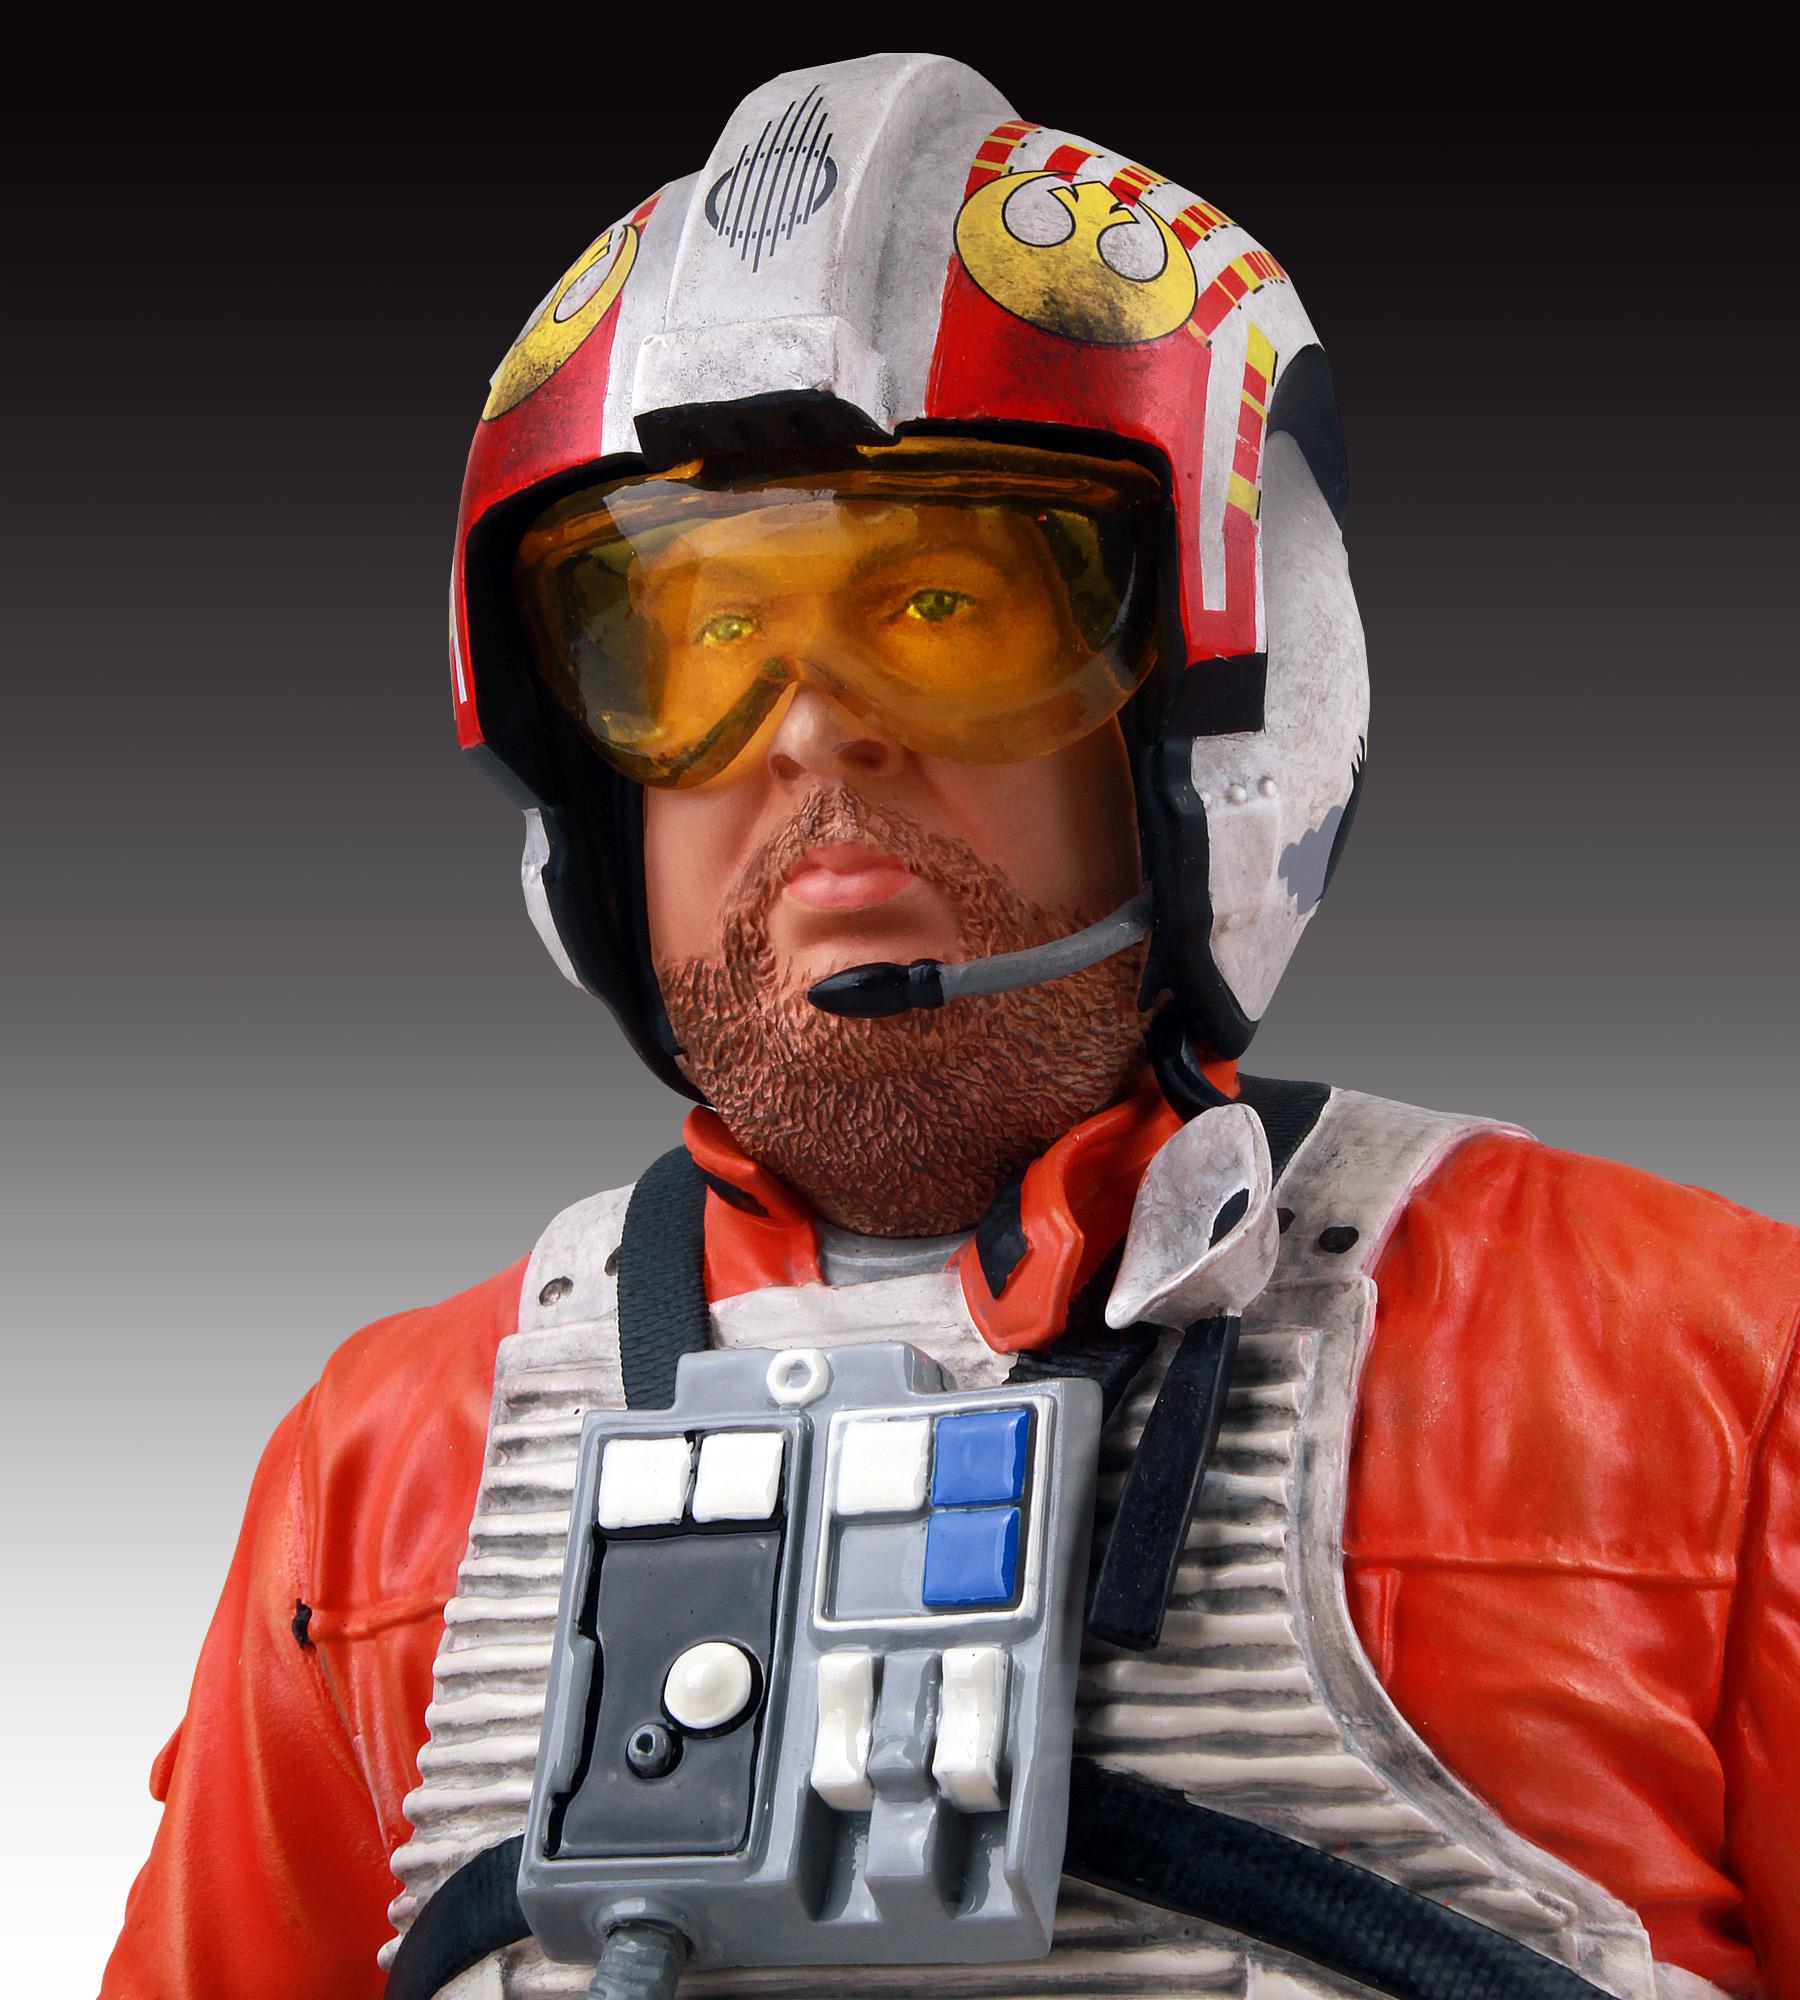 [Gentle Giant] SDCC Exclusive Star Wars Jek Porkins Mini Bust SDCC-Exclusive-Star-Wars-Jek-Porkins-Mini-Bust-006